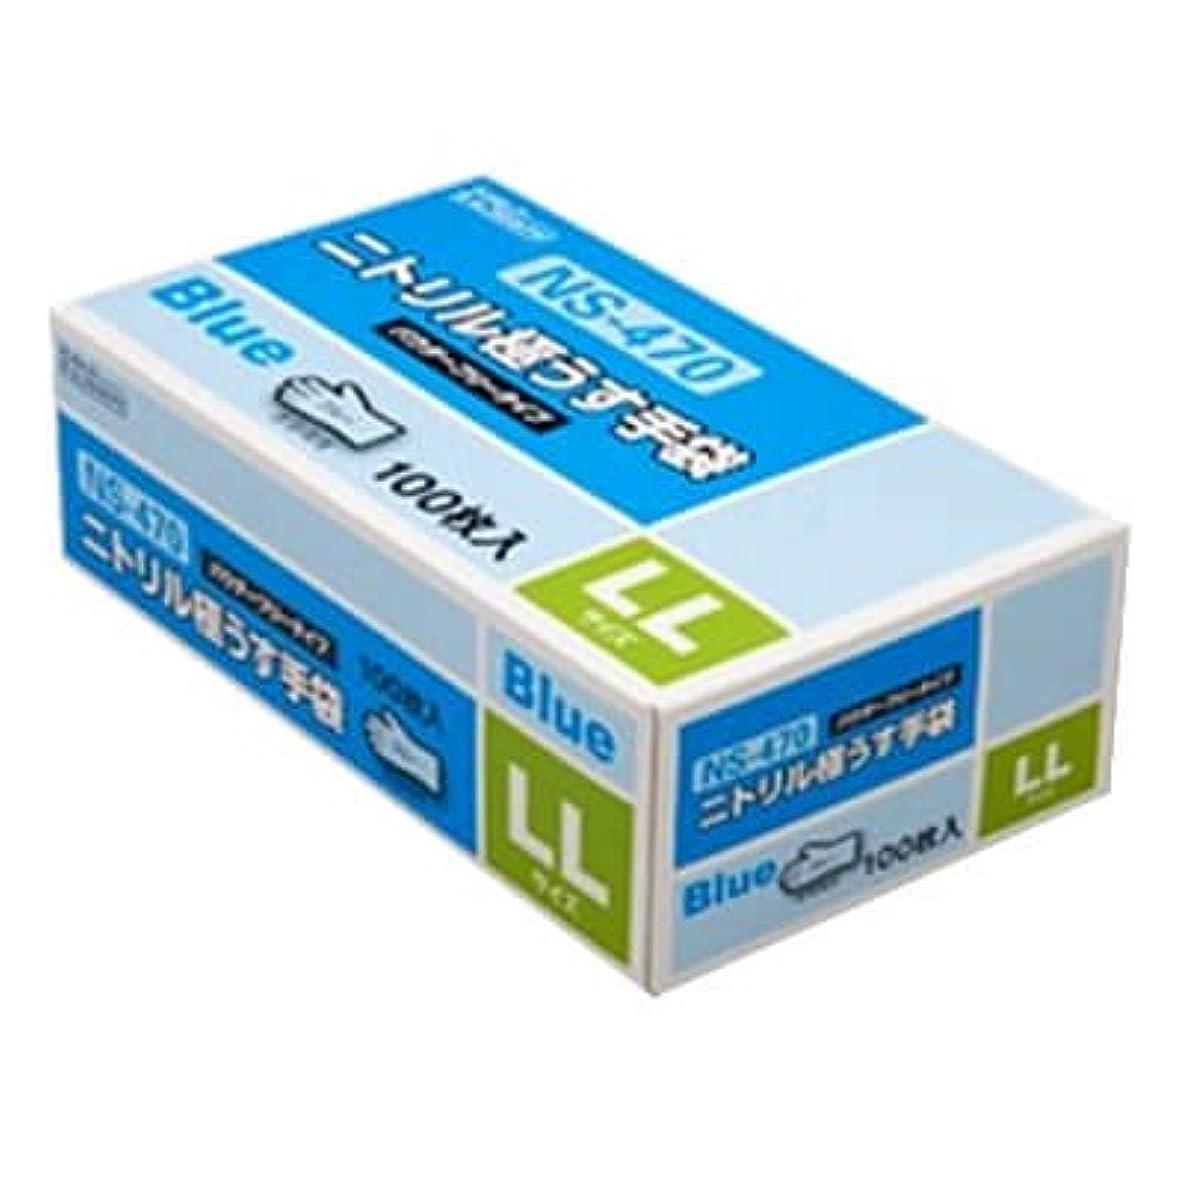 データベース岩階層【ケース販売】 ダンロップ ニトリル極うす手袋 粉無 LL ブルー NS-470 (100枚入×20箱)